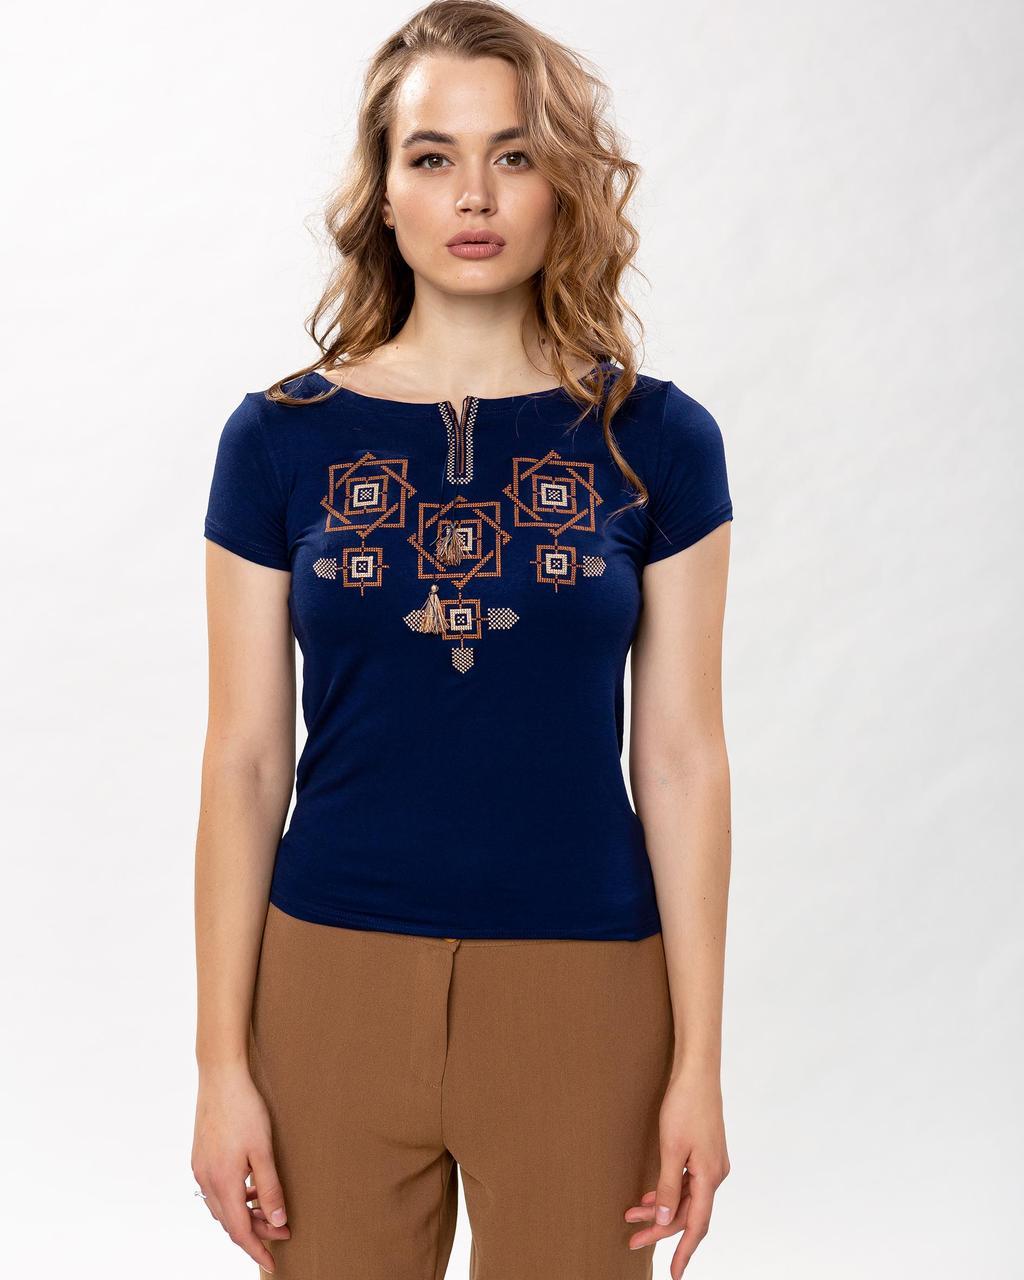 Модная женская футболка с коричневой вышивкой в темно синем цвете «Оберег»